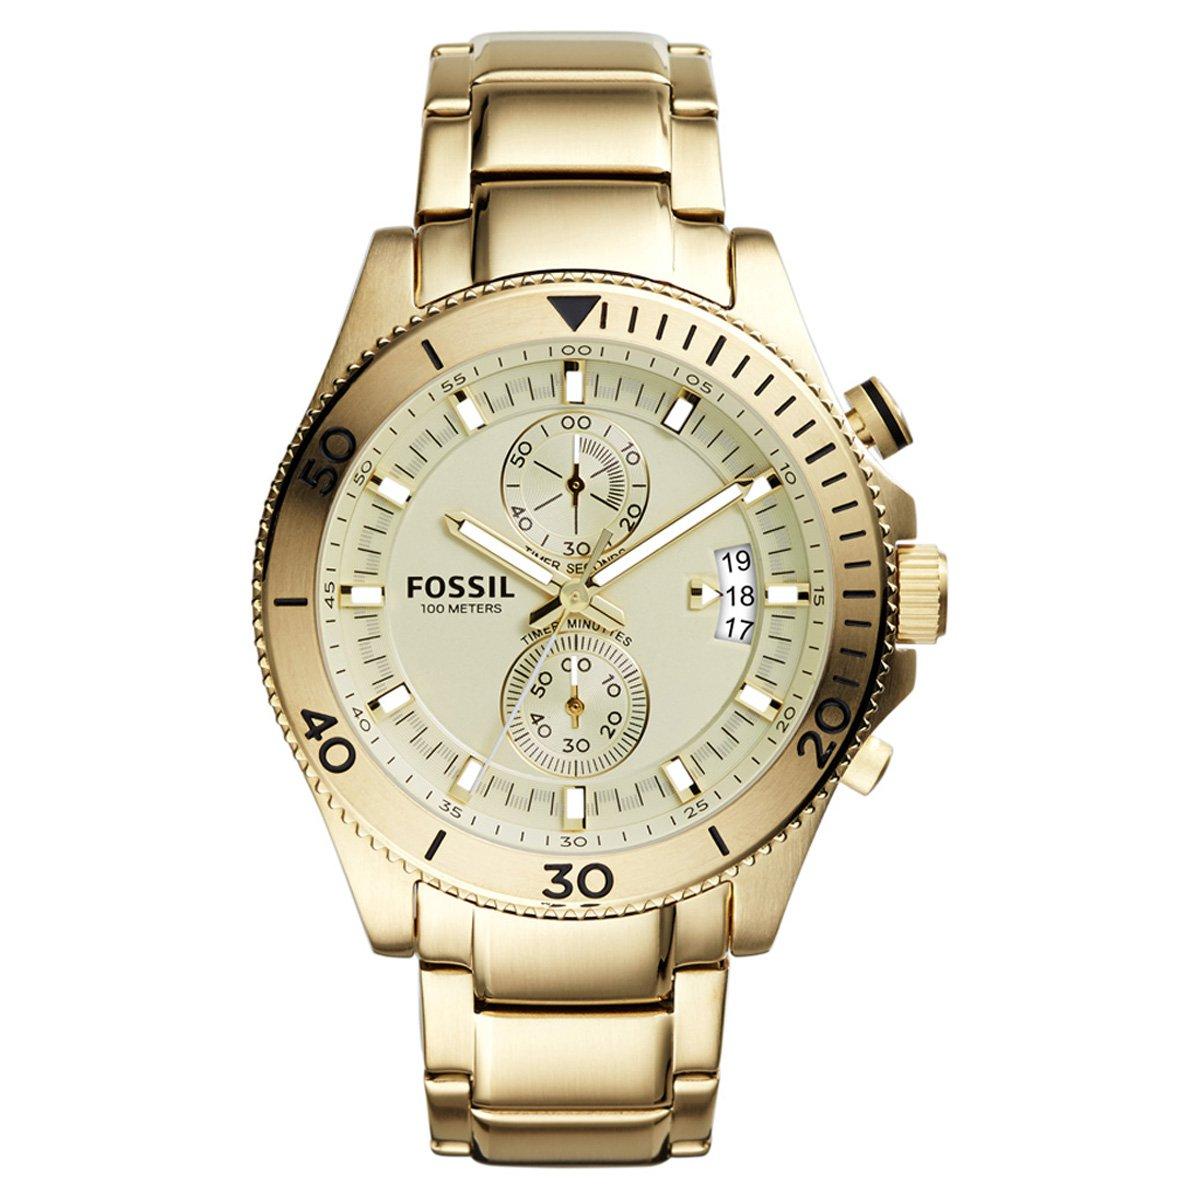 f0f269f764f Relógio Fossil Pulso Dourado Pulseira Dourada Qz - Compre Agora ...